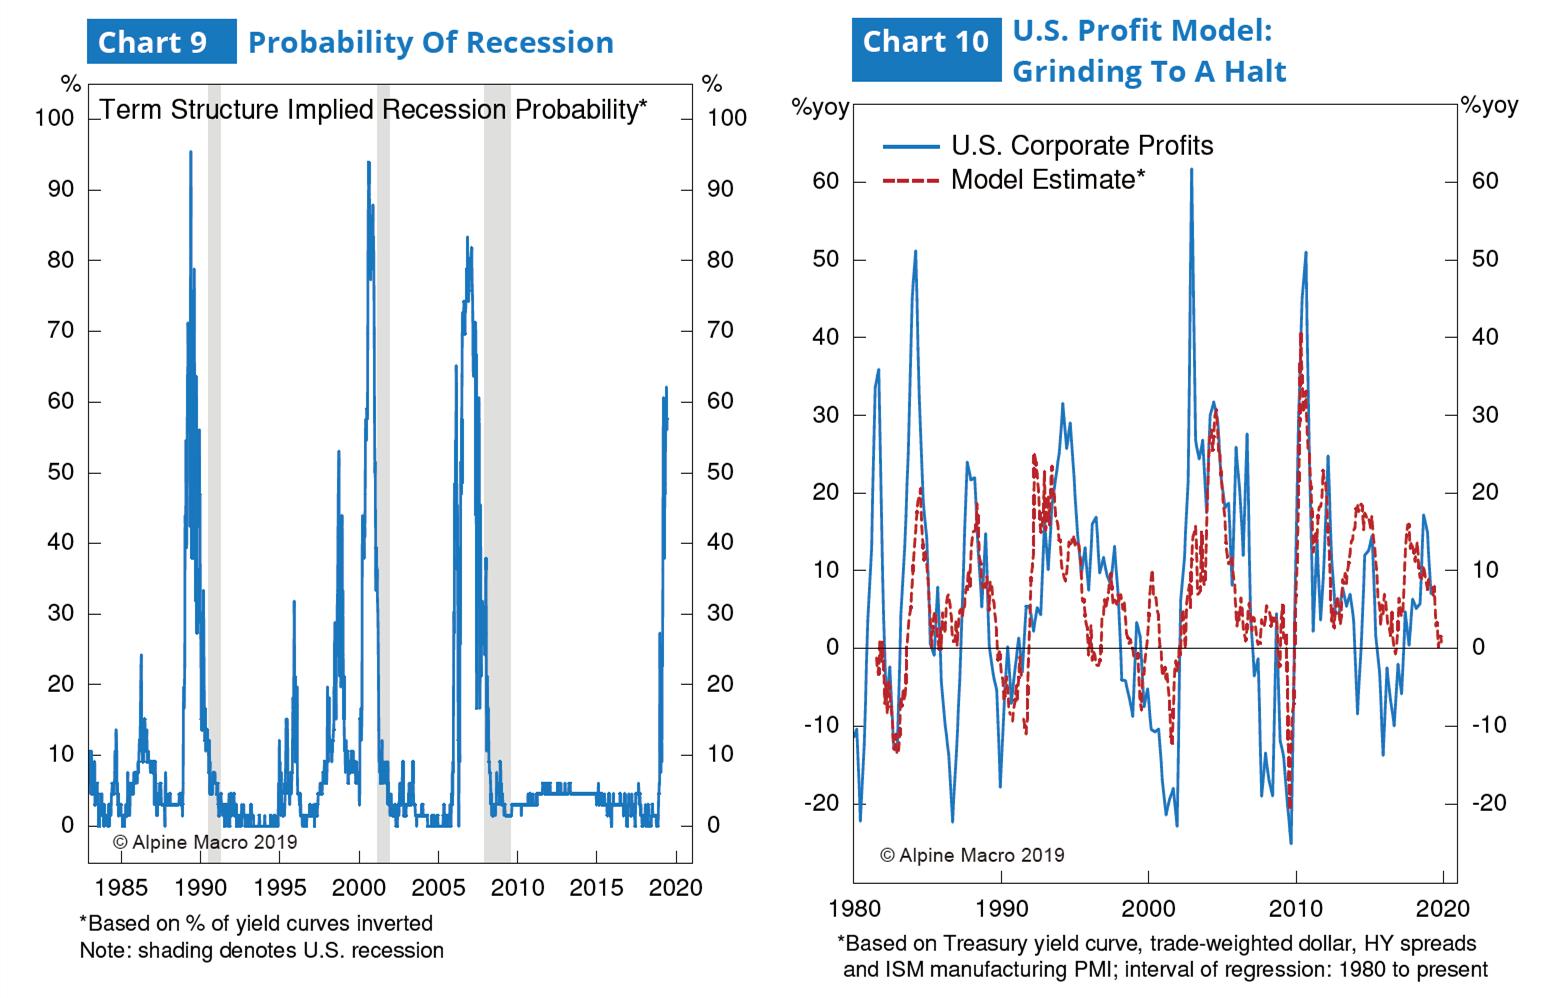 图9:经济阑珊概率 & 图10:美国利润展望模型